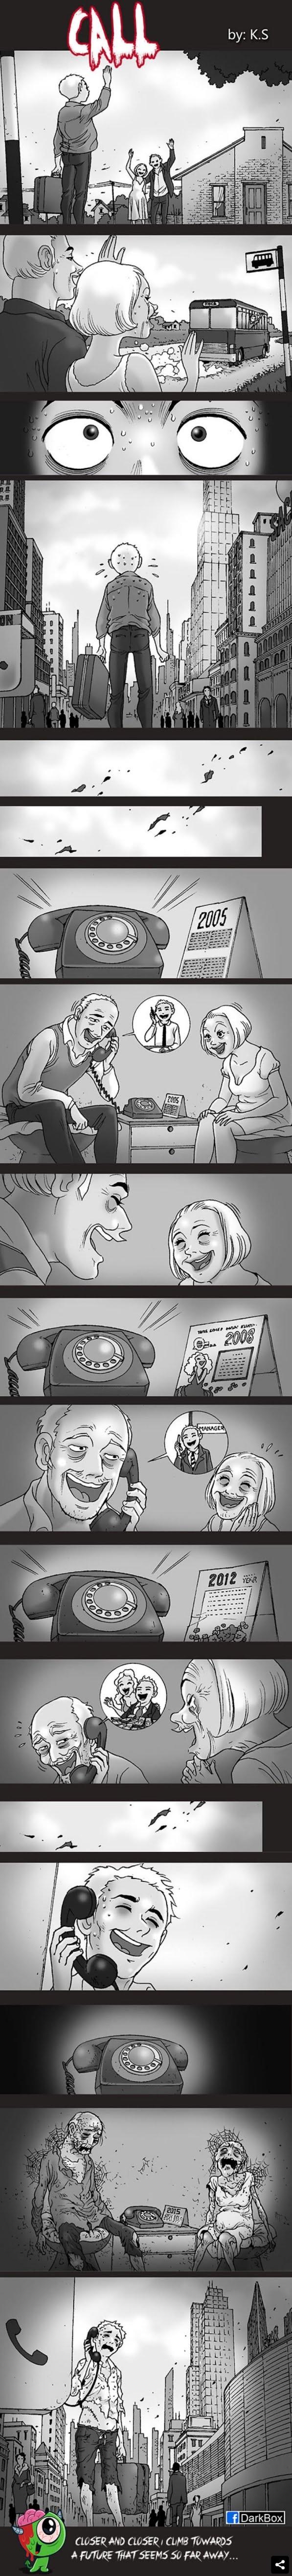 silent-horror-comico-di-02-terrorismo